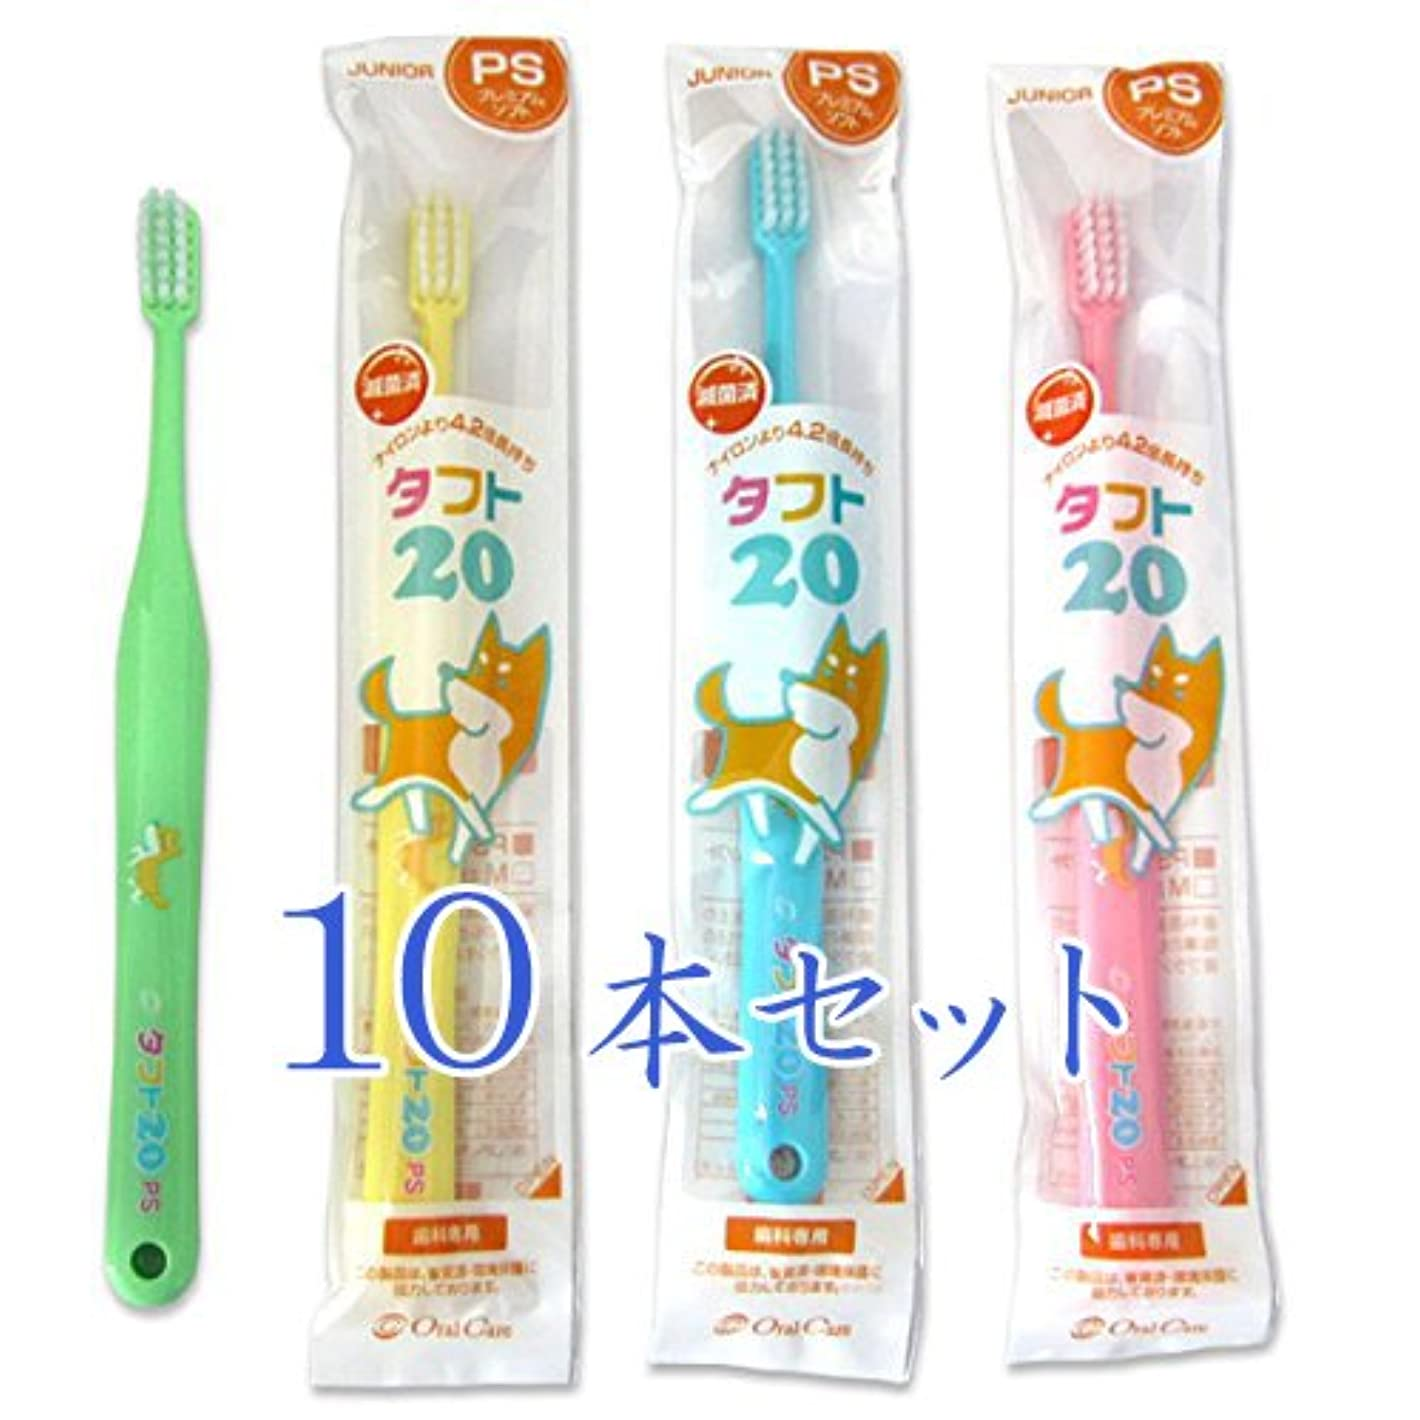 カプラー解体するスイッチタフト20 PS プレミアムソフト 歯ブラシ混合歯列期用(6~12歳)×10本セット